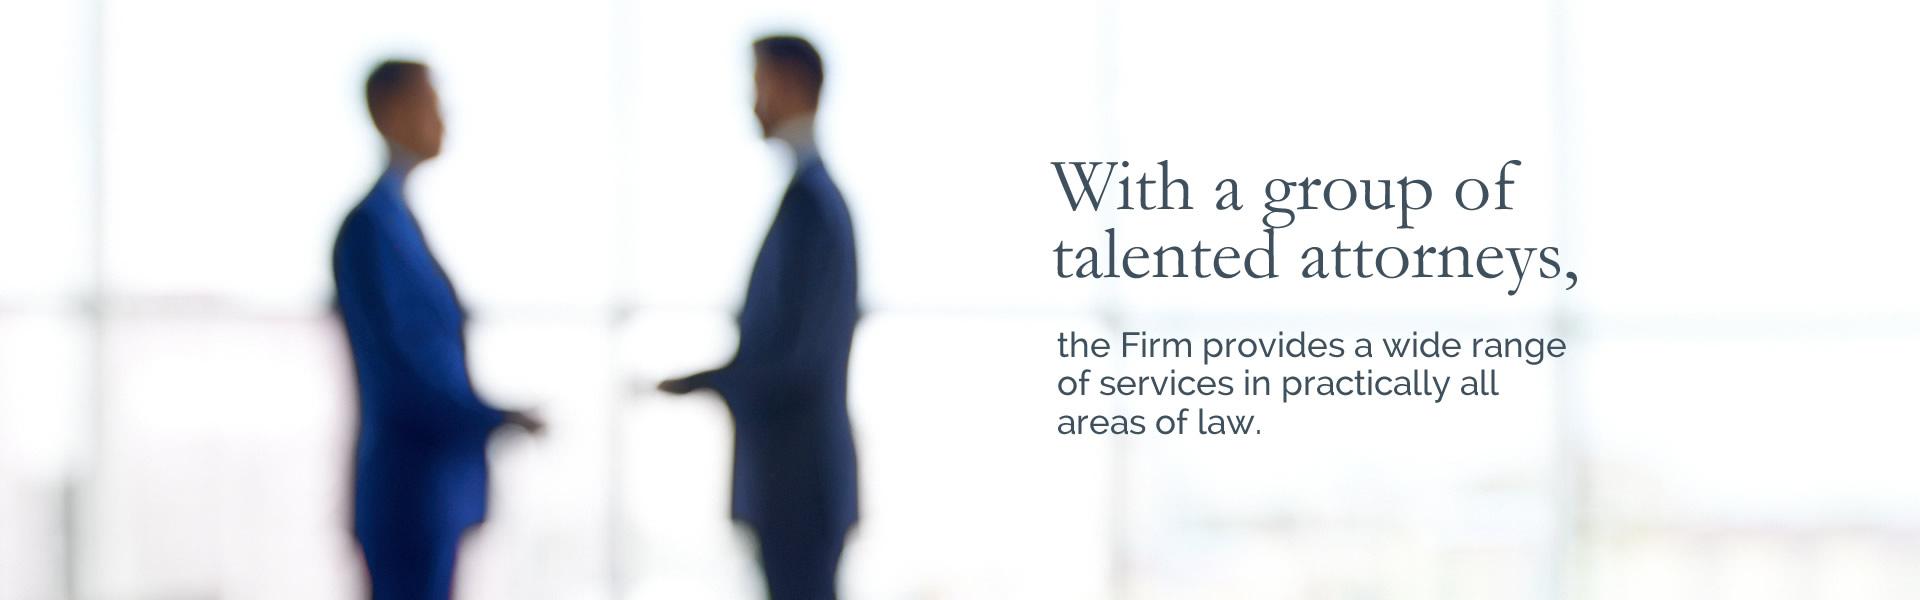 Firma de abogados expertos en derecho comercial